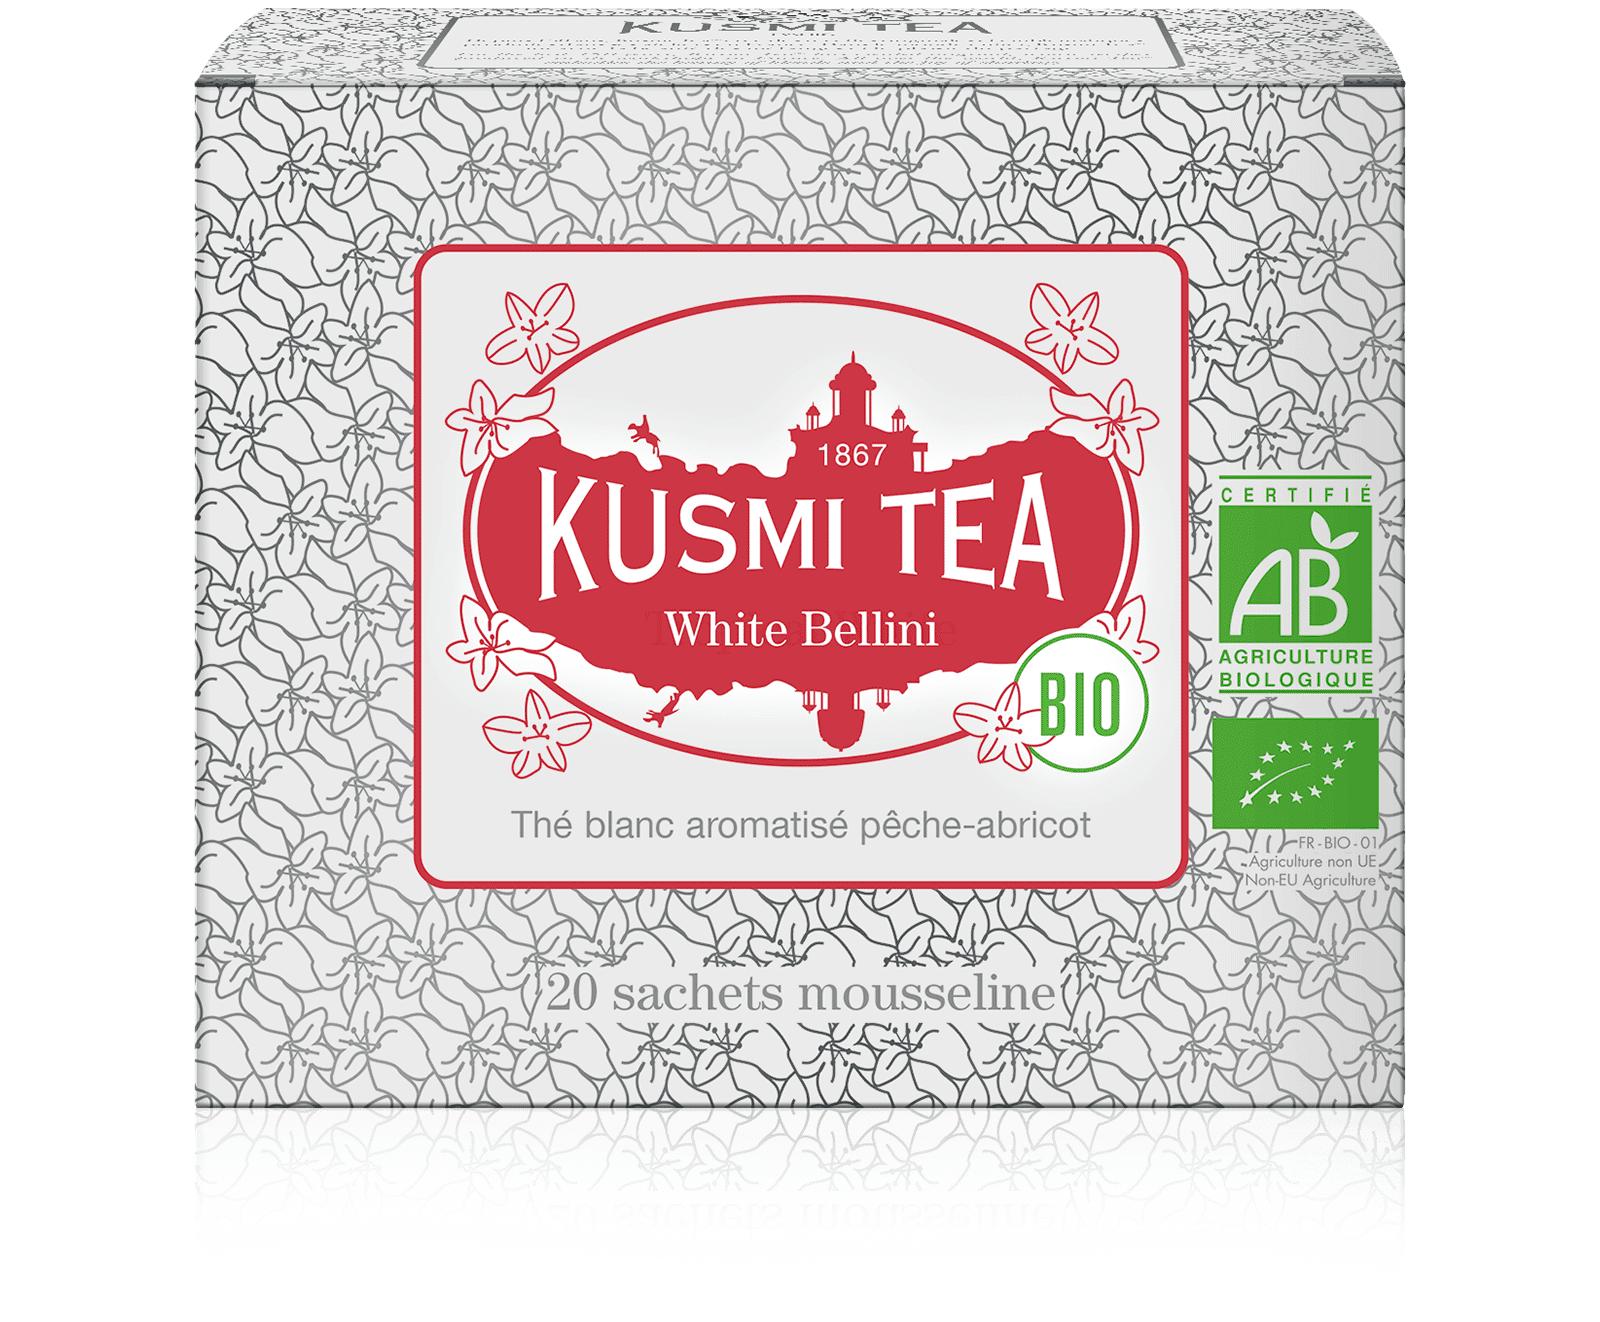 KUSMI TEA White Bellini bio - Thé blanc aromatisé pêche-abricot - Sachets de thé - Kusmi Tea